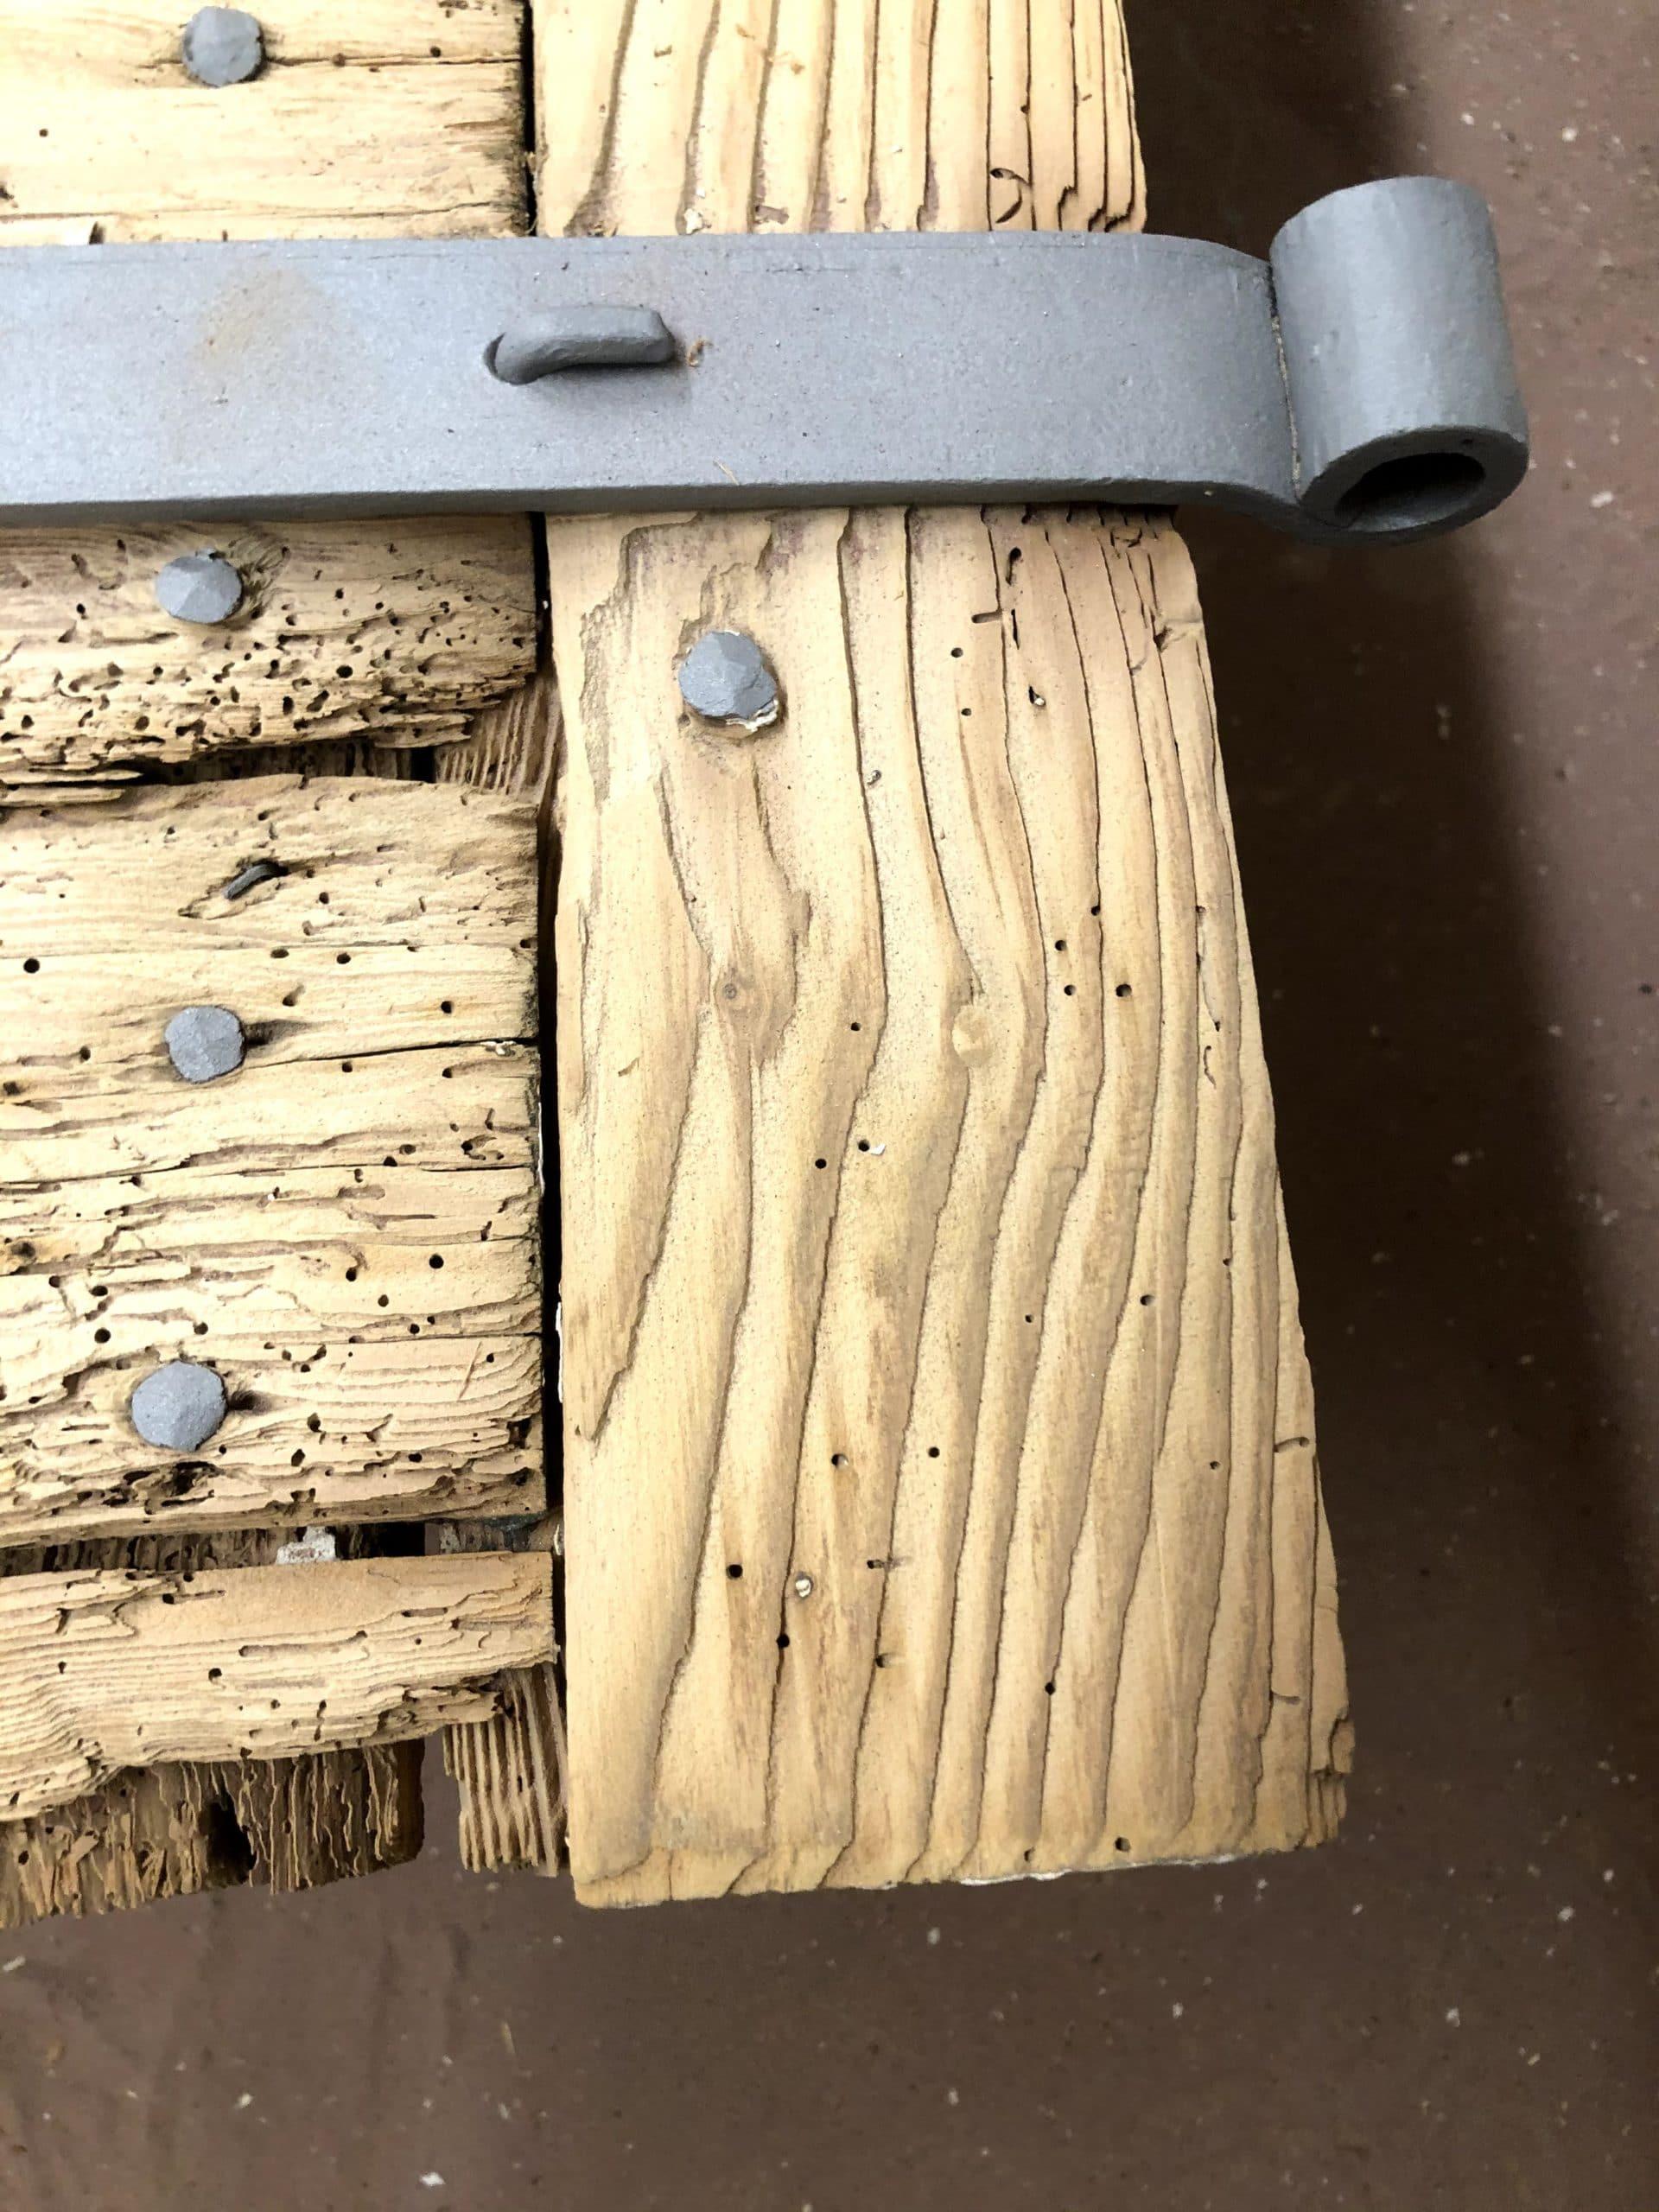 Le bois et le métal sont nettoyés dans les moindre détails